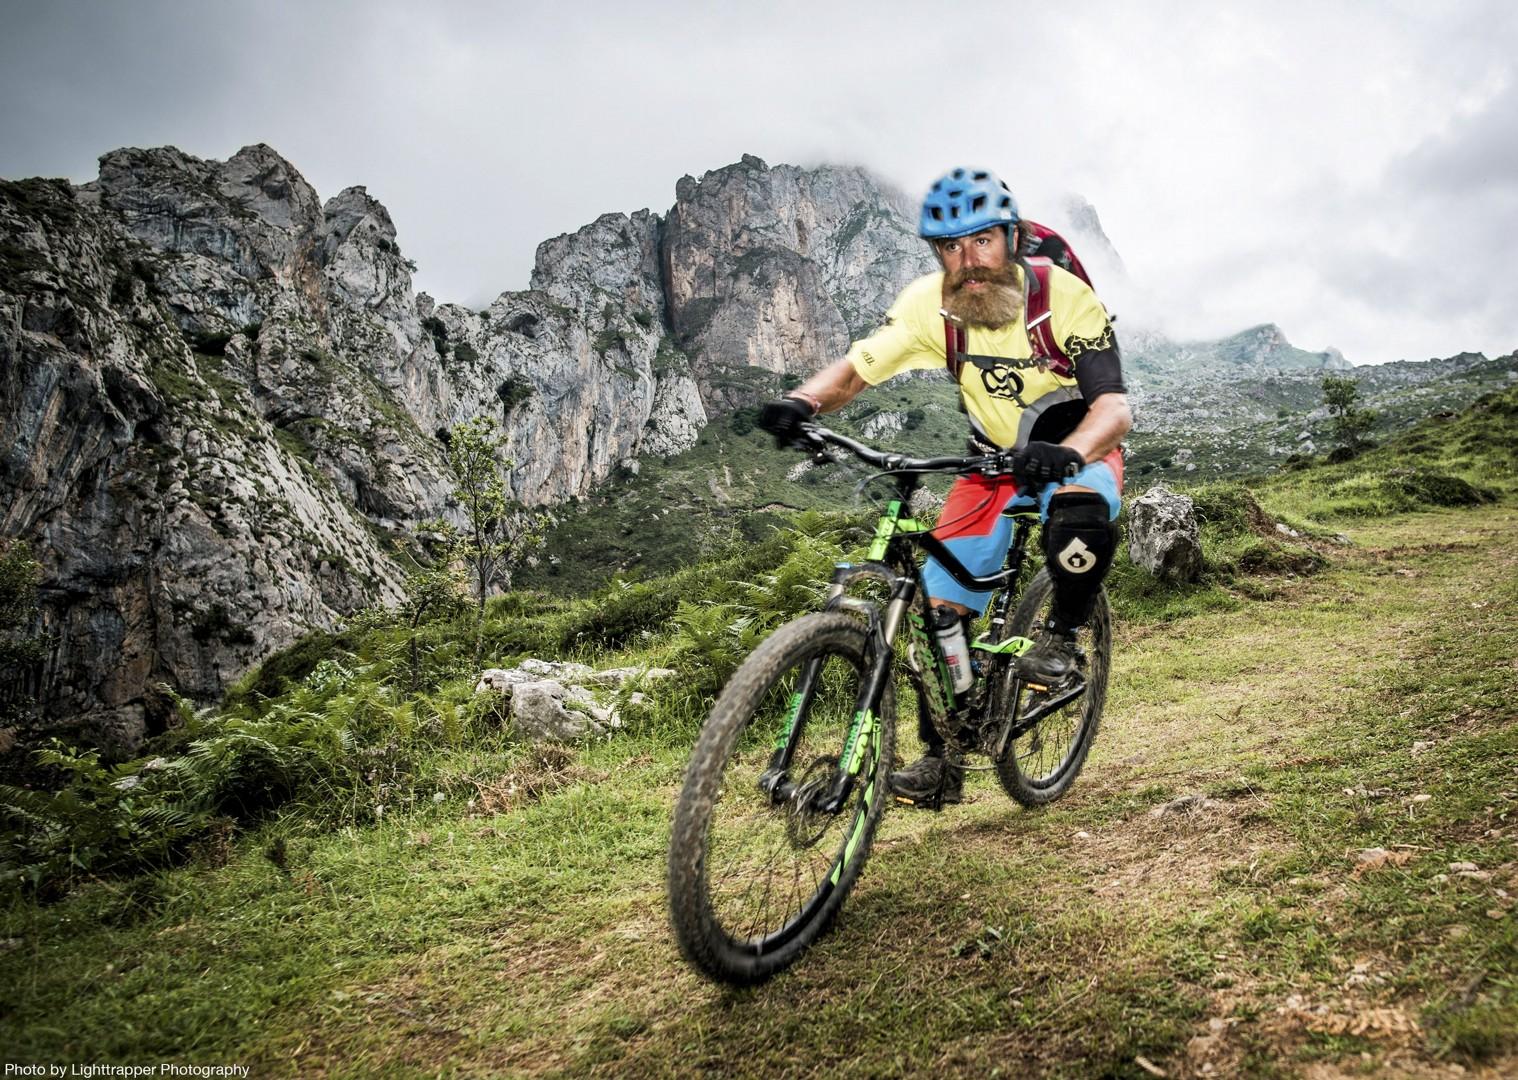 isolated-rural-mountain-biking-trip-northern-spain-picos.jpg - Spain - Picos de Europa - Trans Picos - Guided Mountain Bike Holiday - Mountain Biking